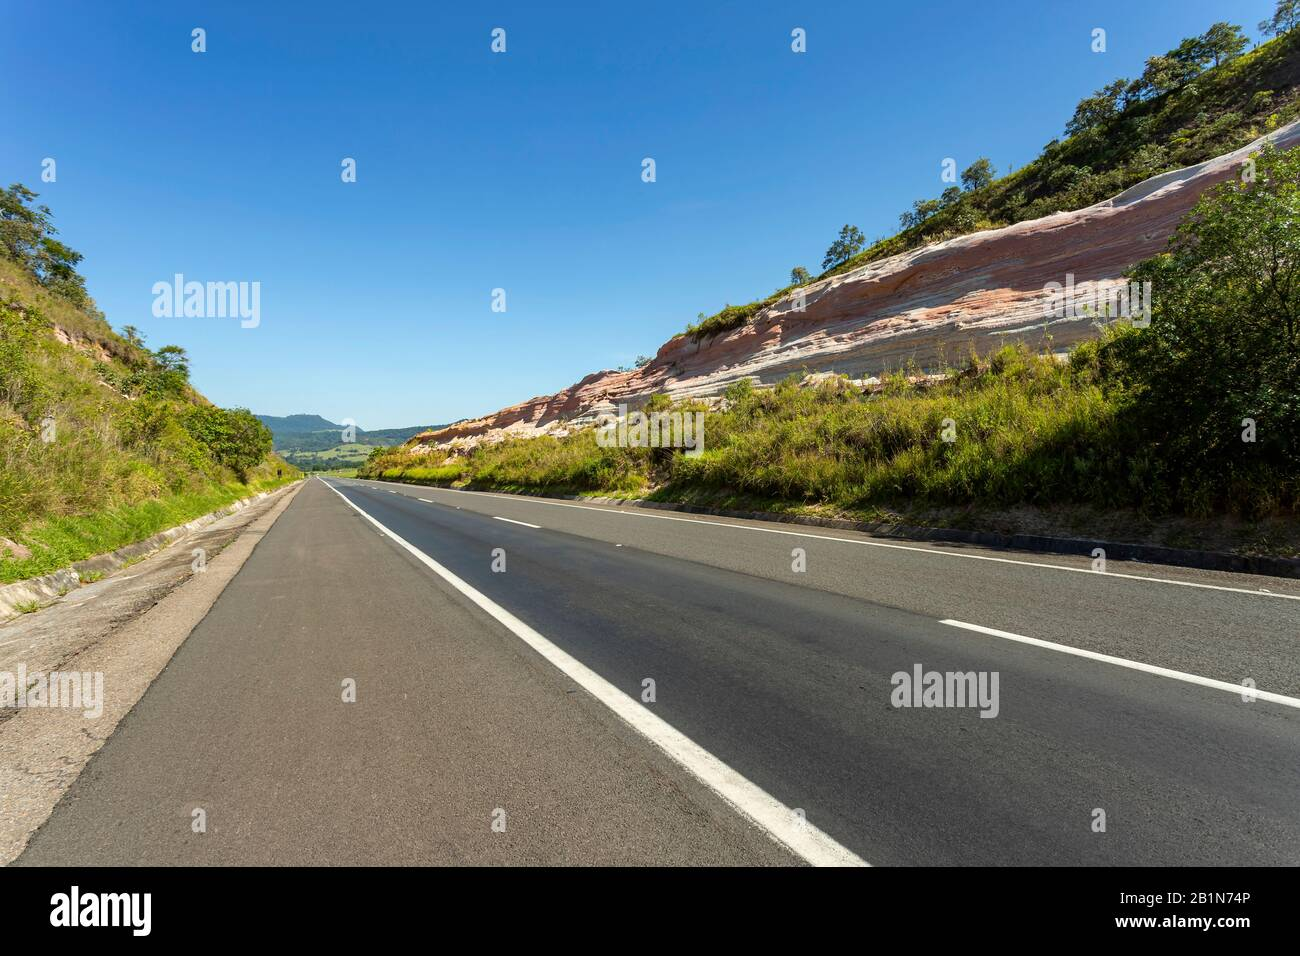 Beautiful Roads Beautiful Road In A Beautiful Sunny Day Stock Photo Alamy